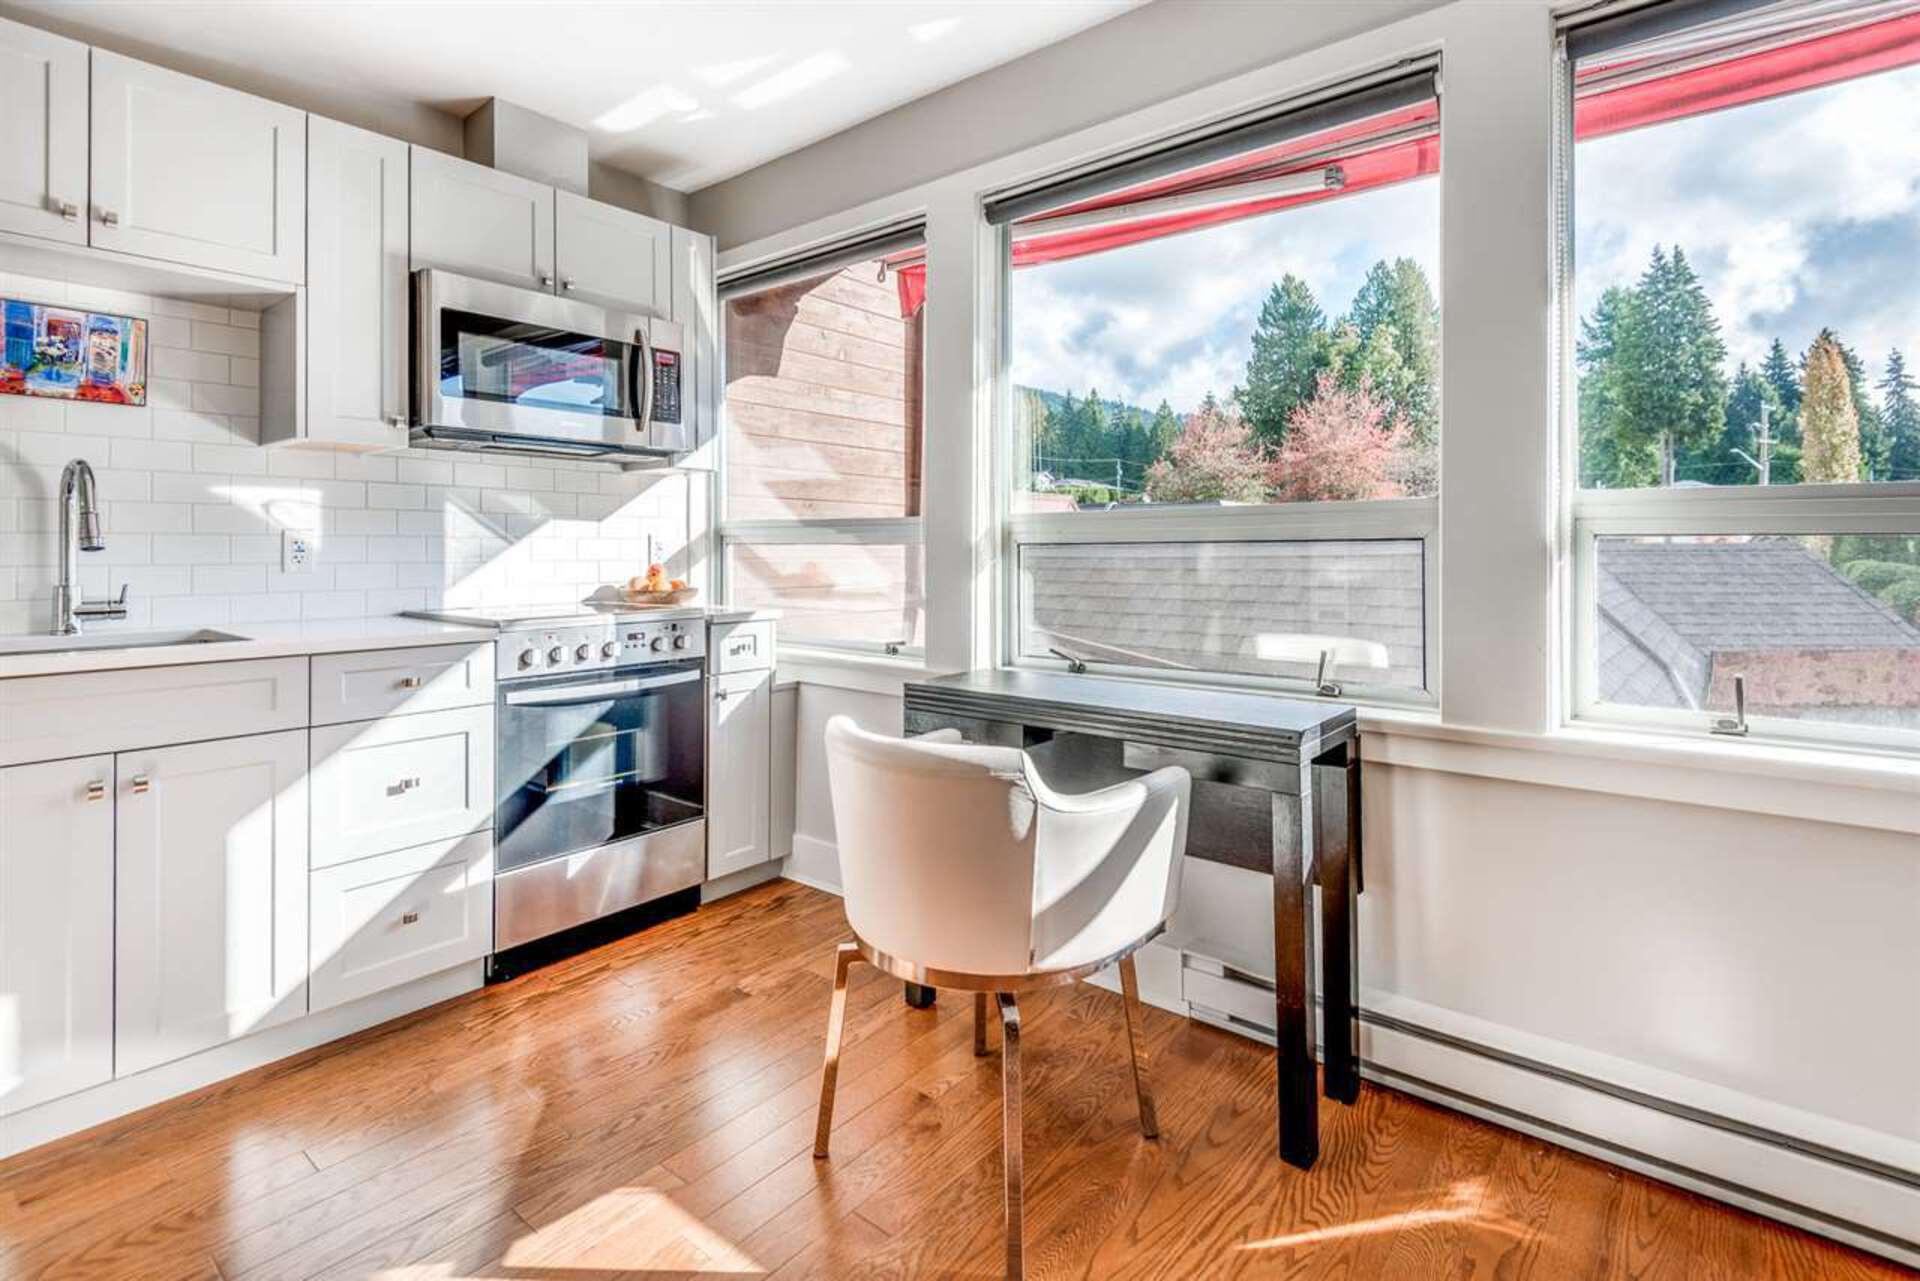 3711-delbrook-avenue-upper-delbrook-north-vancouver-06 at 203 - 3711 Delbrook Avenue, Upper Delbrook, North Vancouver